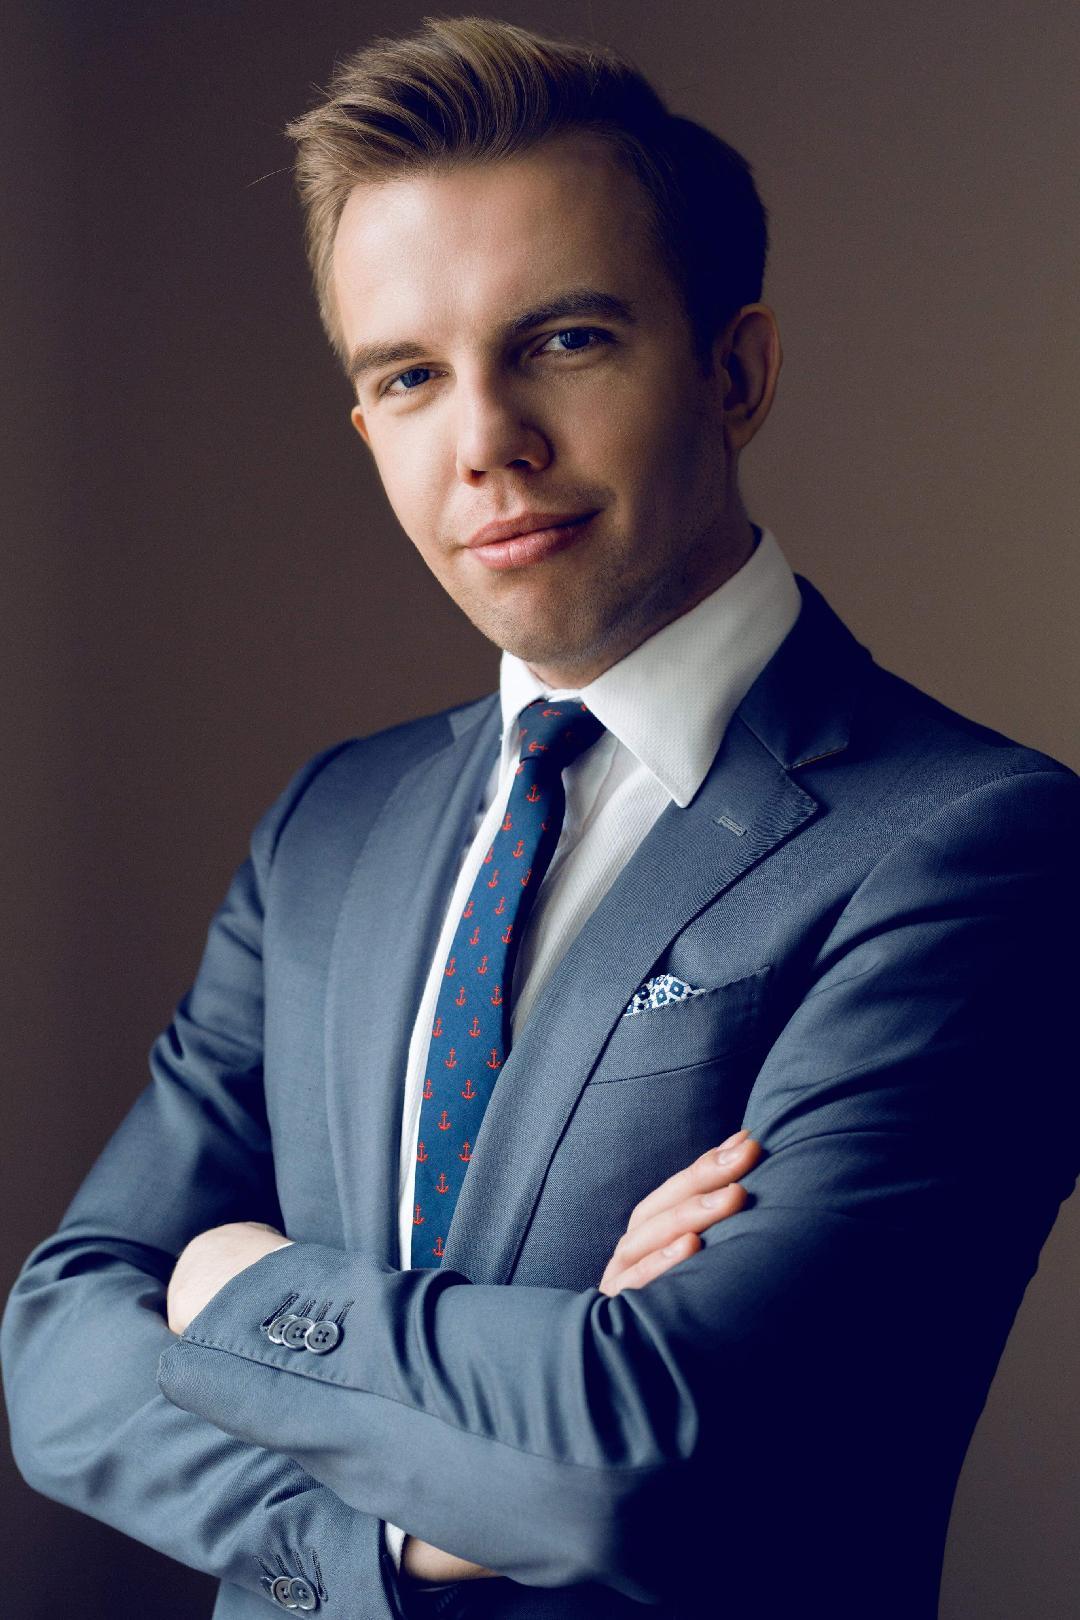 Właściciel Kancelarii Prawnej w Gdańsku - Adam Gautier